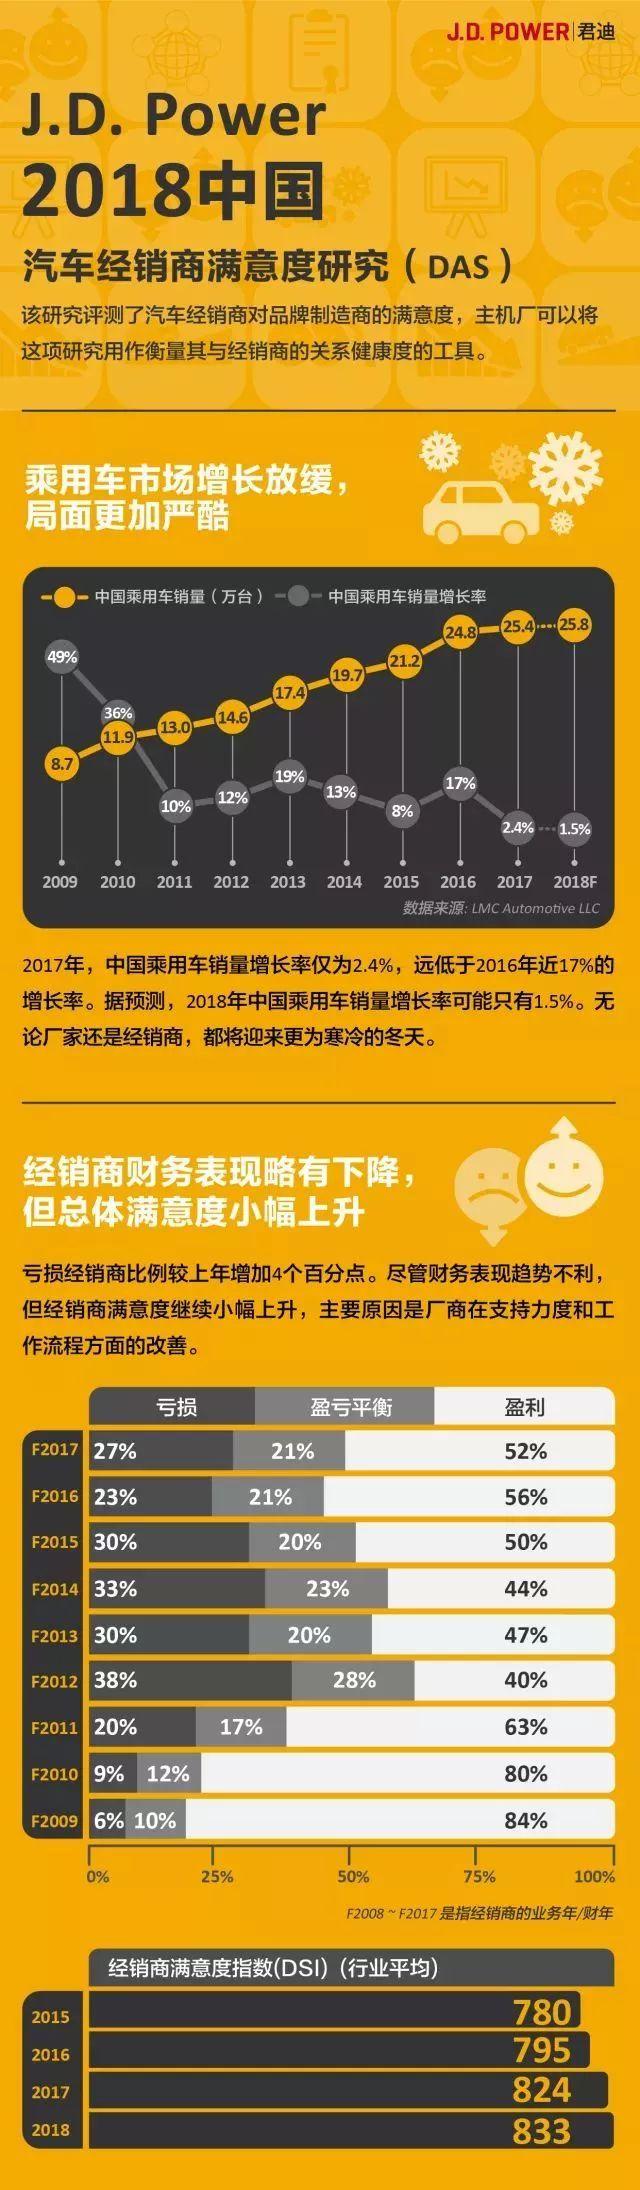 2018中国汽车经销商满意度研究:4S店生存现状被揭露